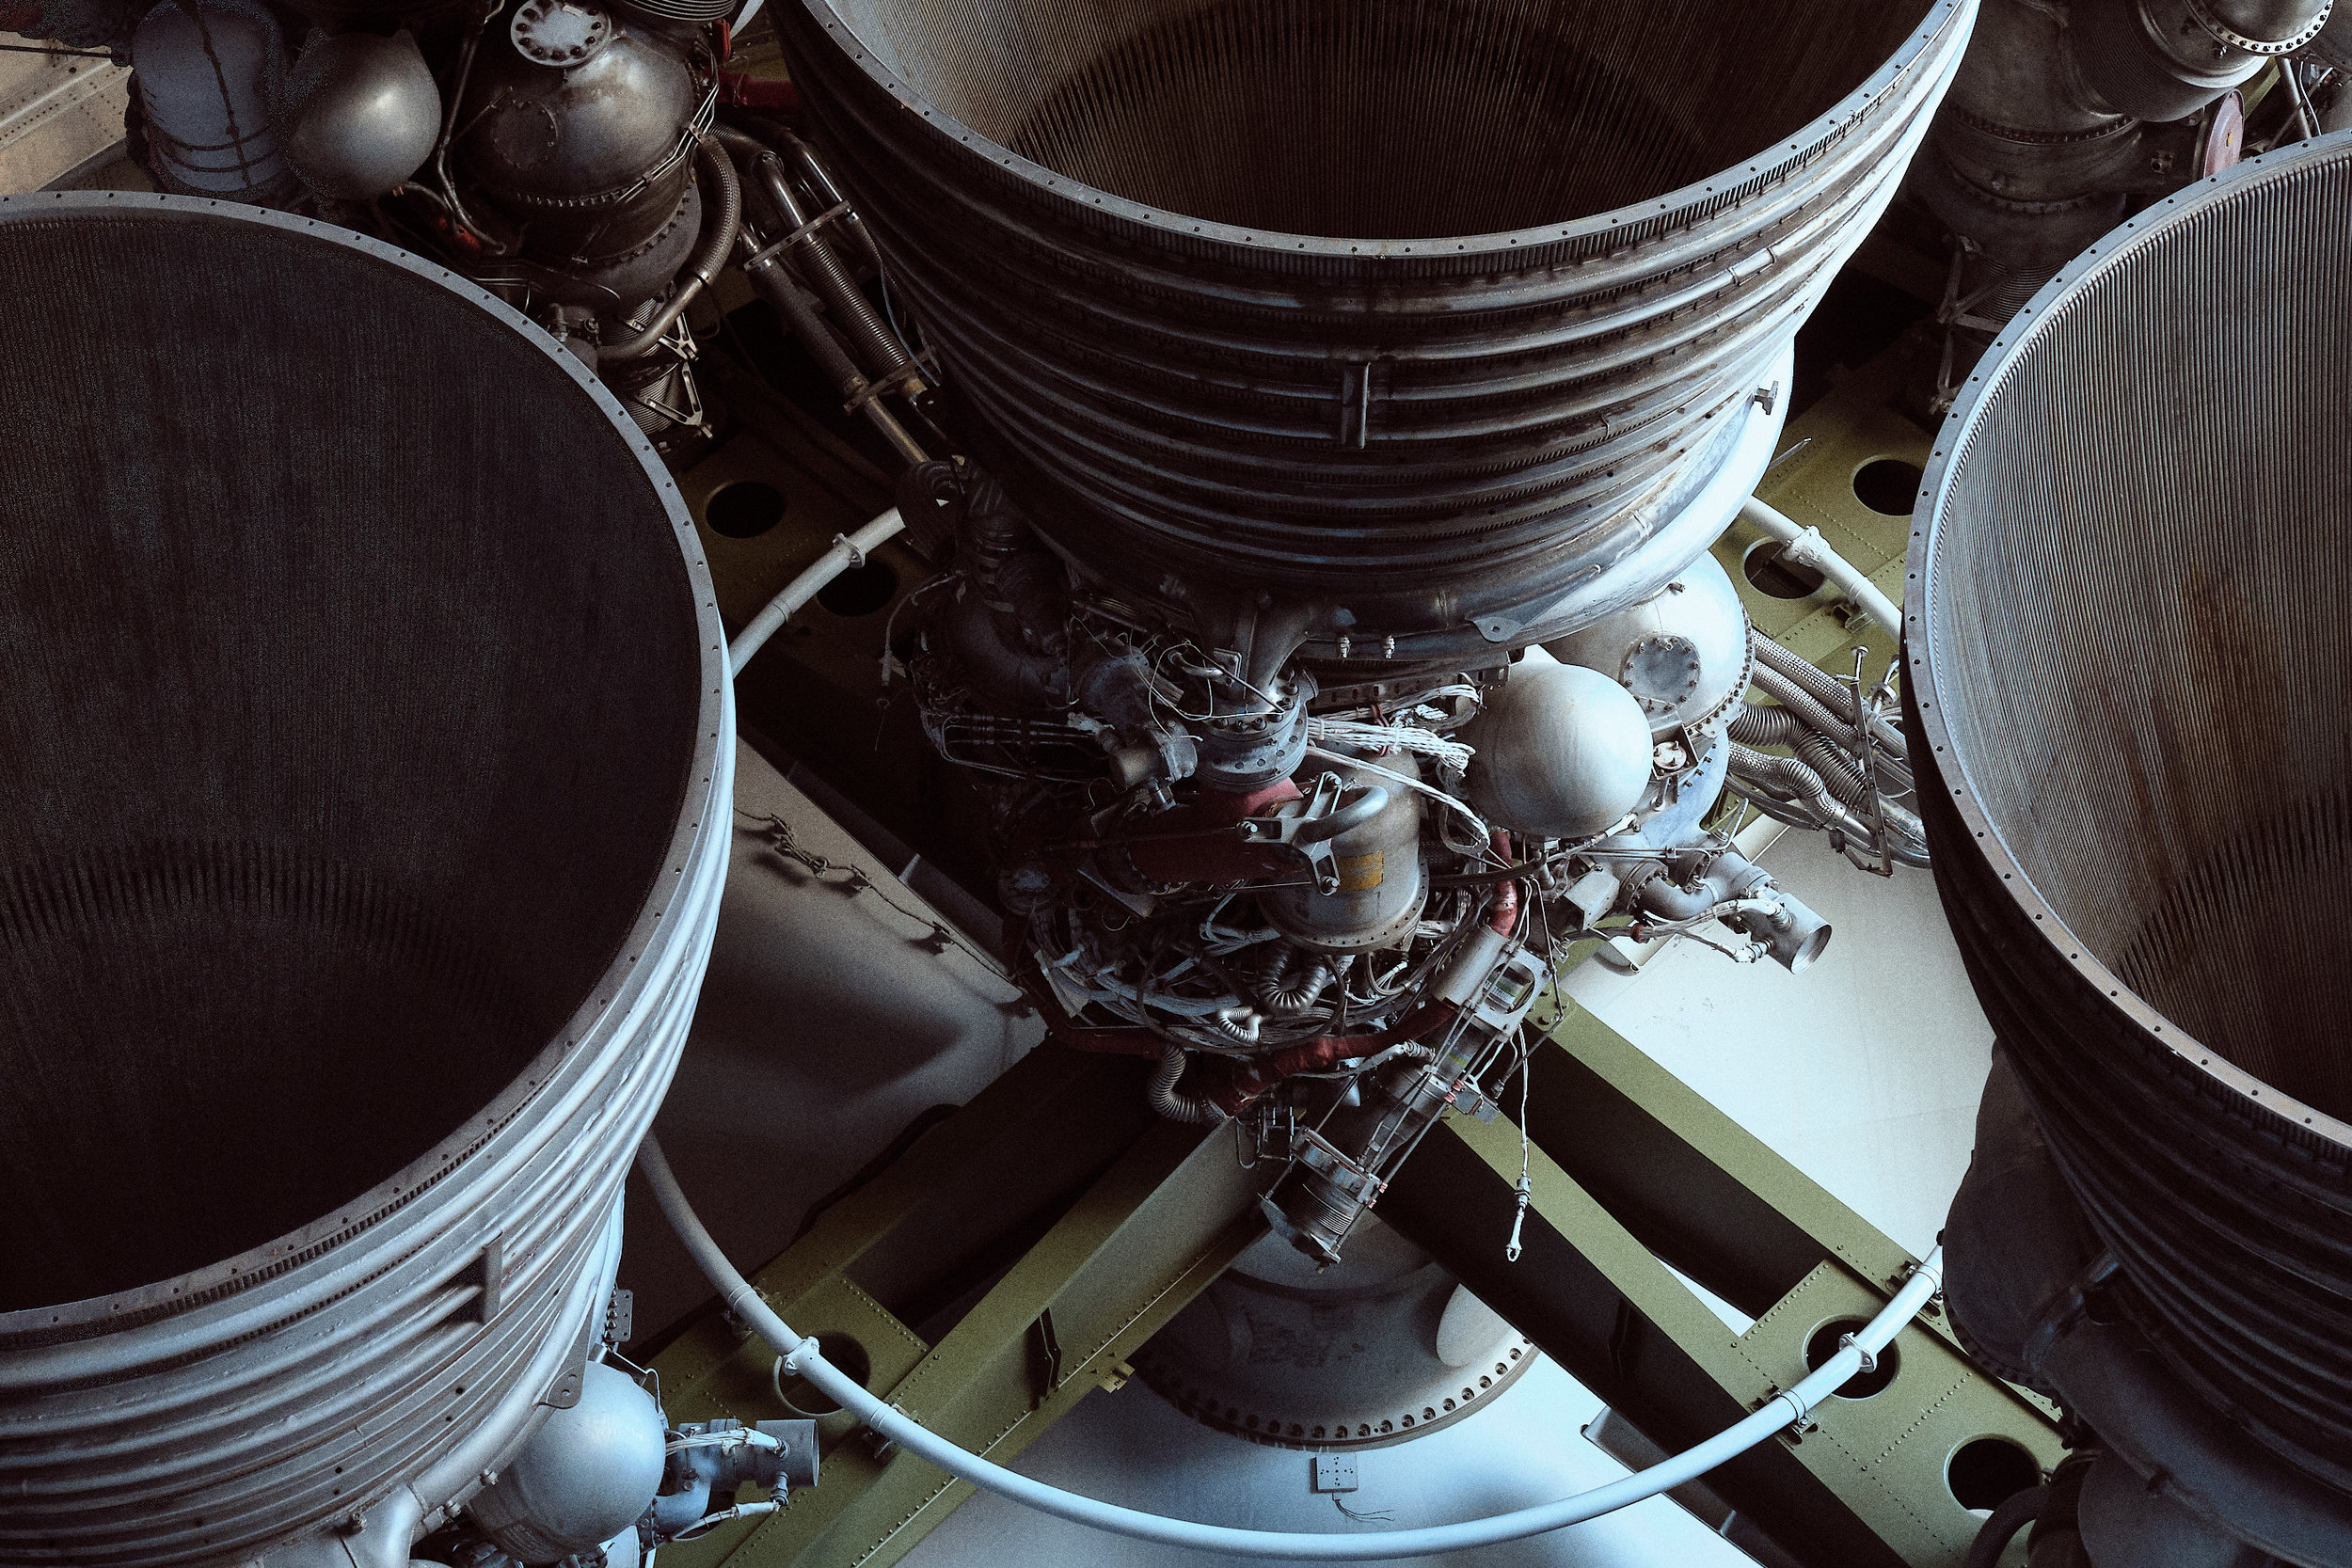 Saturn_V_3.jpg